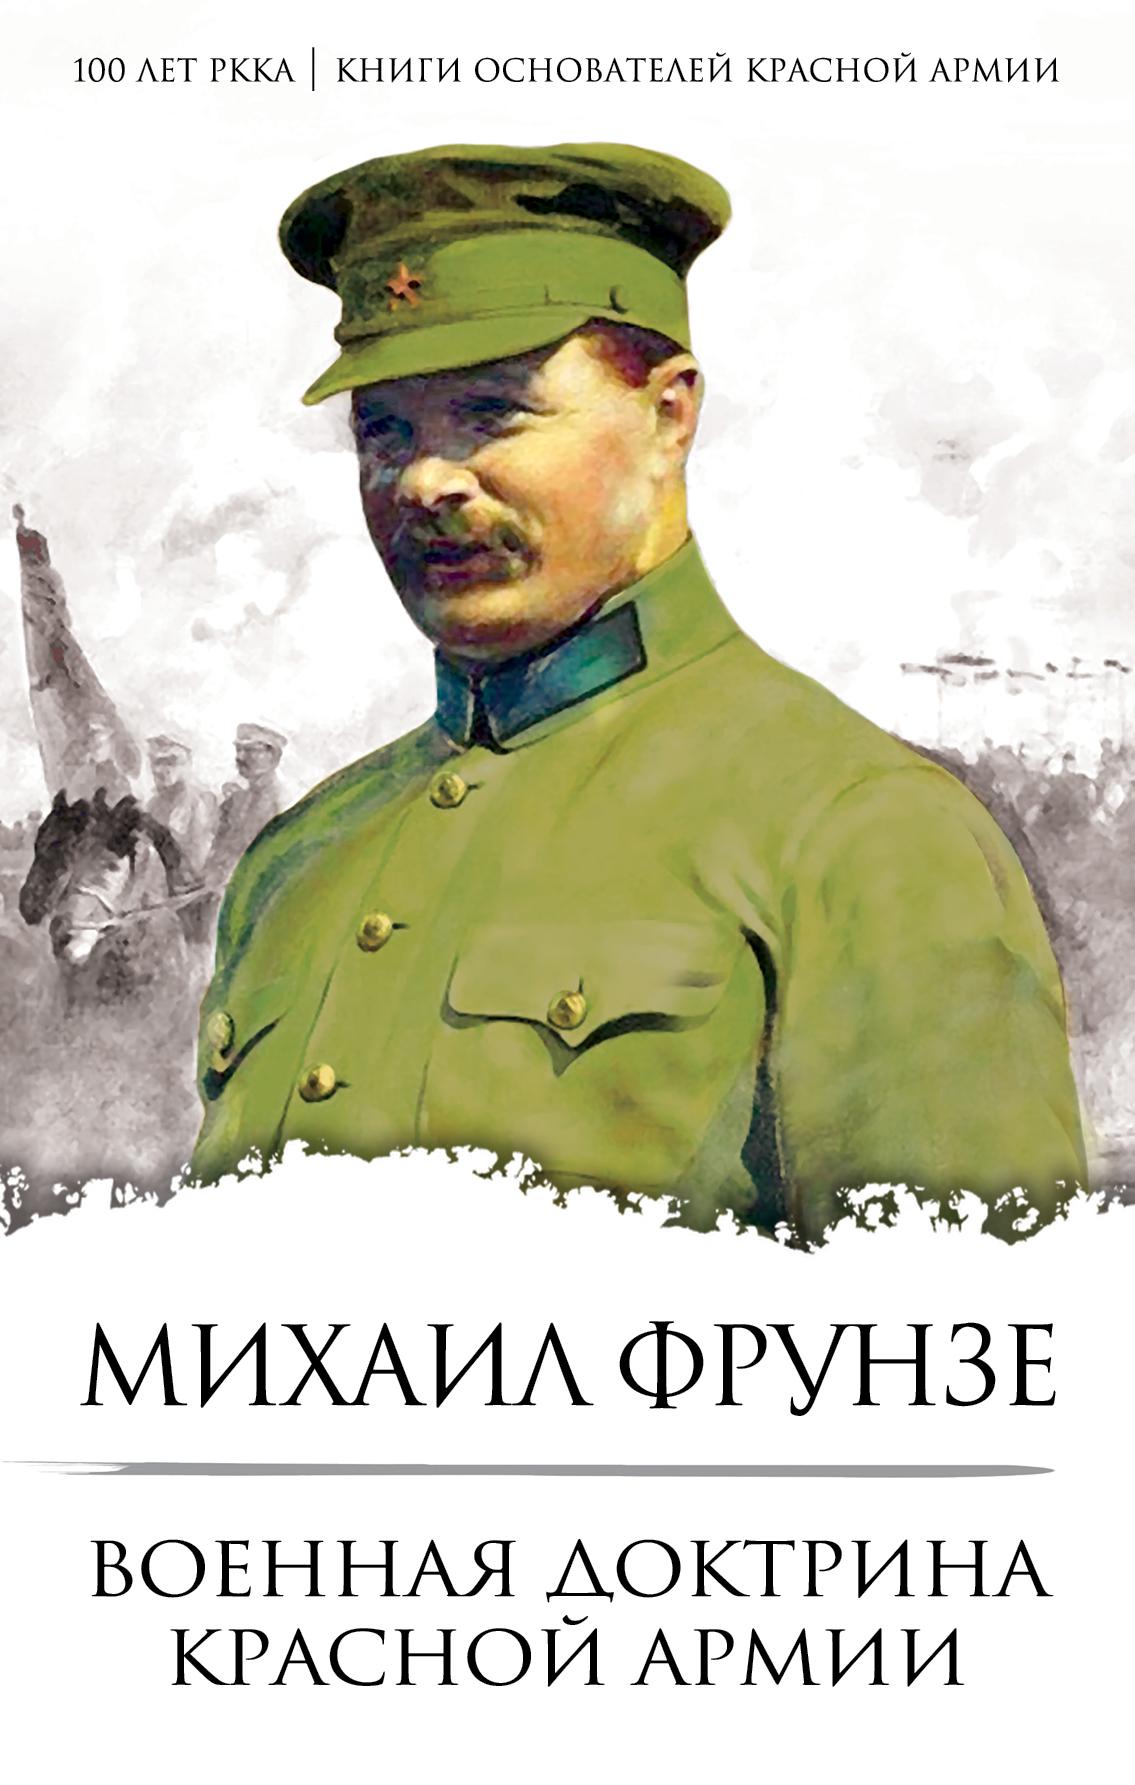 Михаил Фрунзе - Военная доктрина Красной Армии